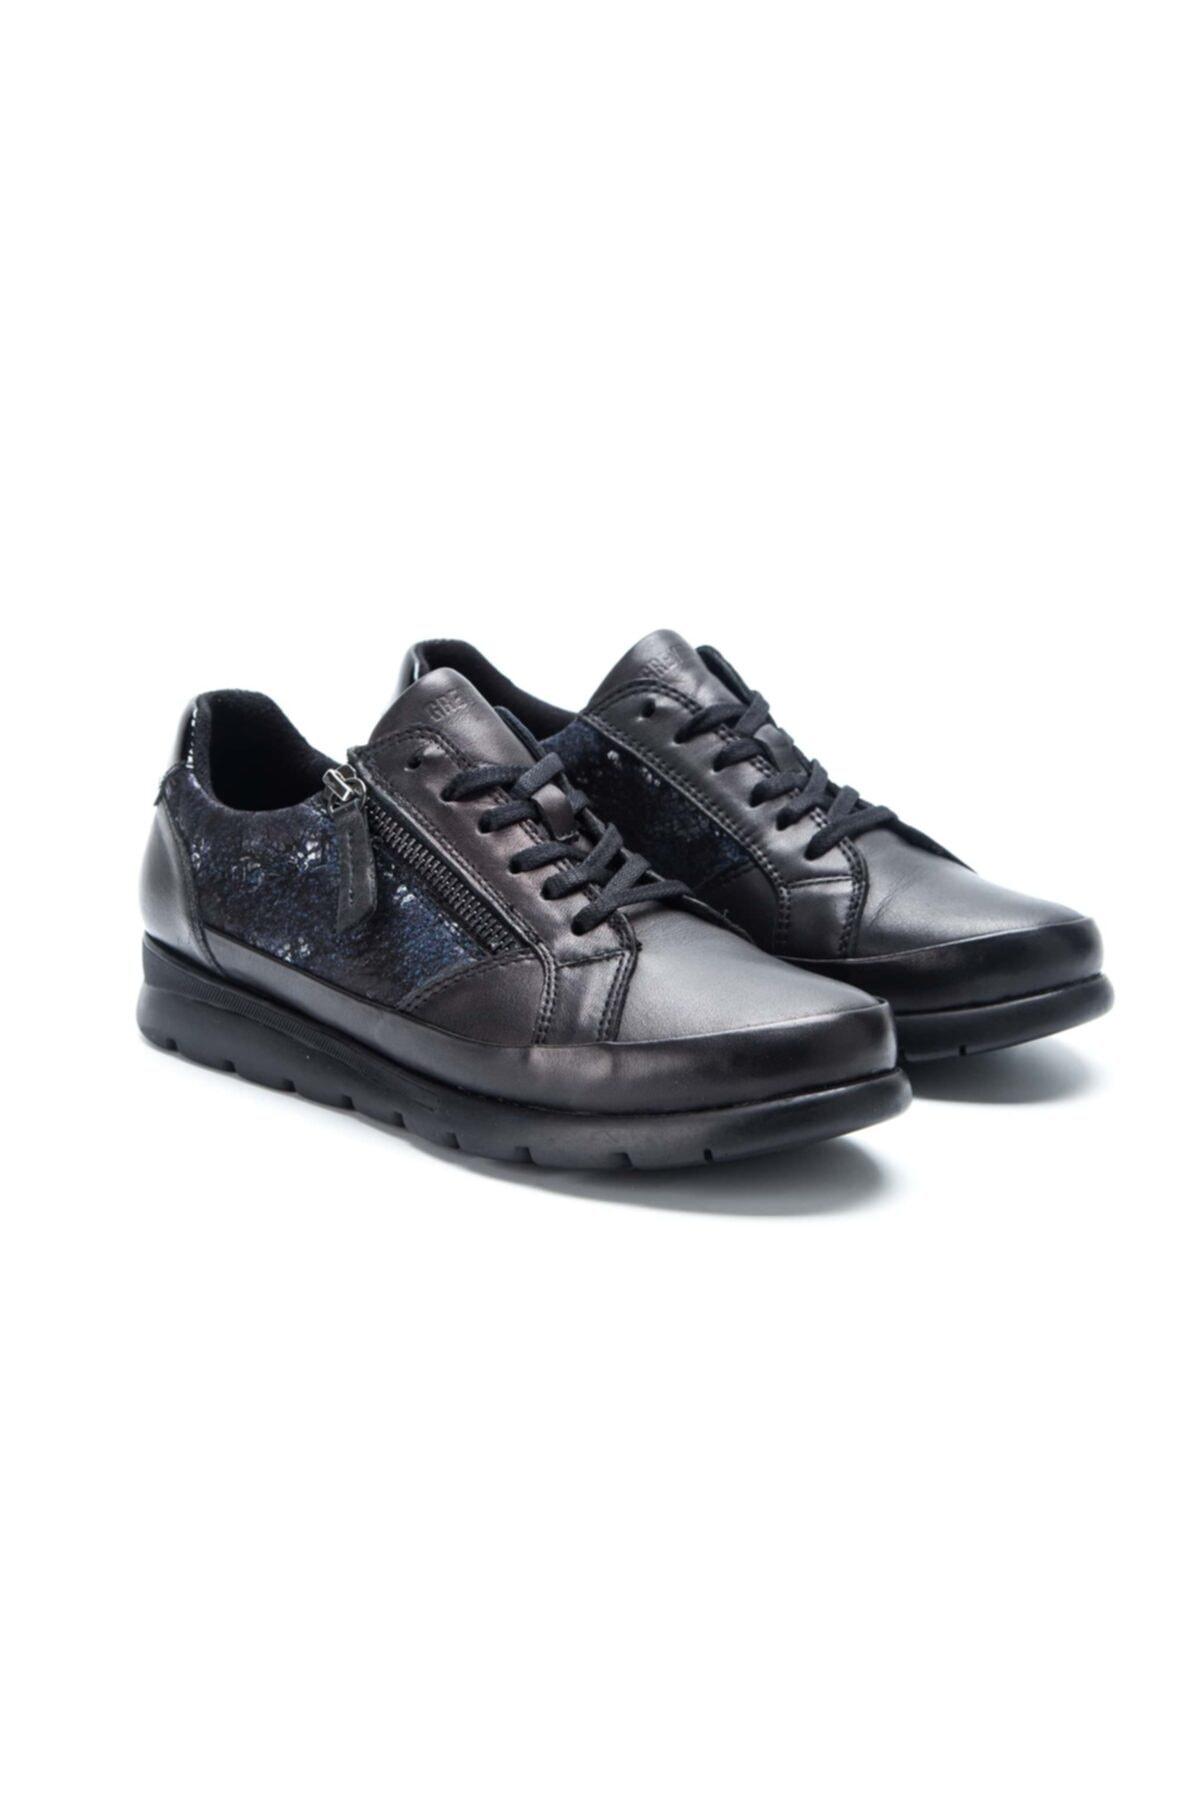 Greyder Kadın Siyah Comfort Ayakkabı (k) 28931 Zn 2